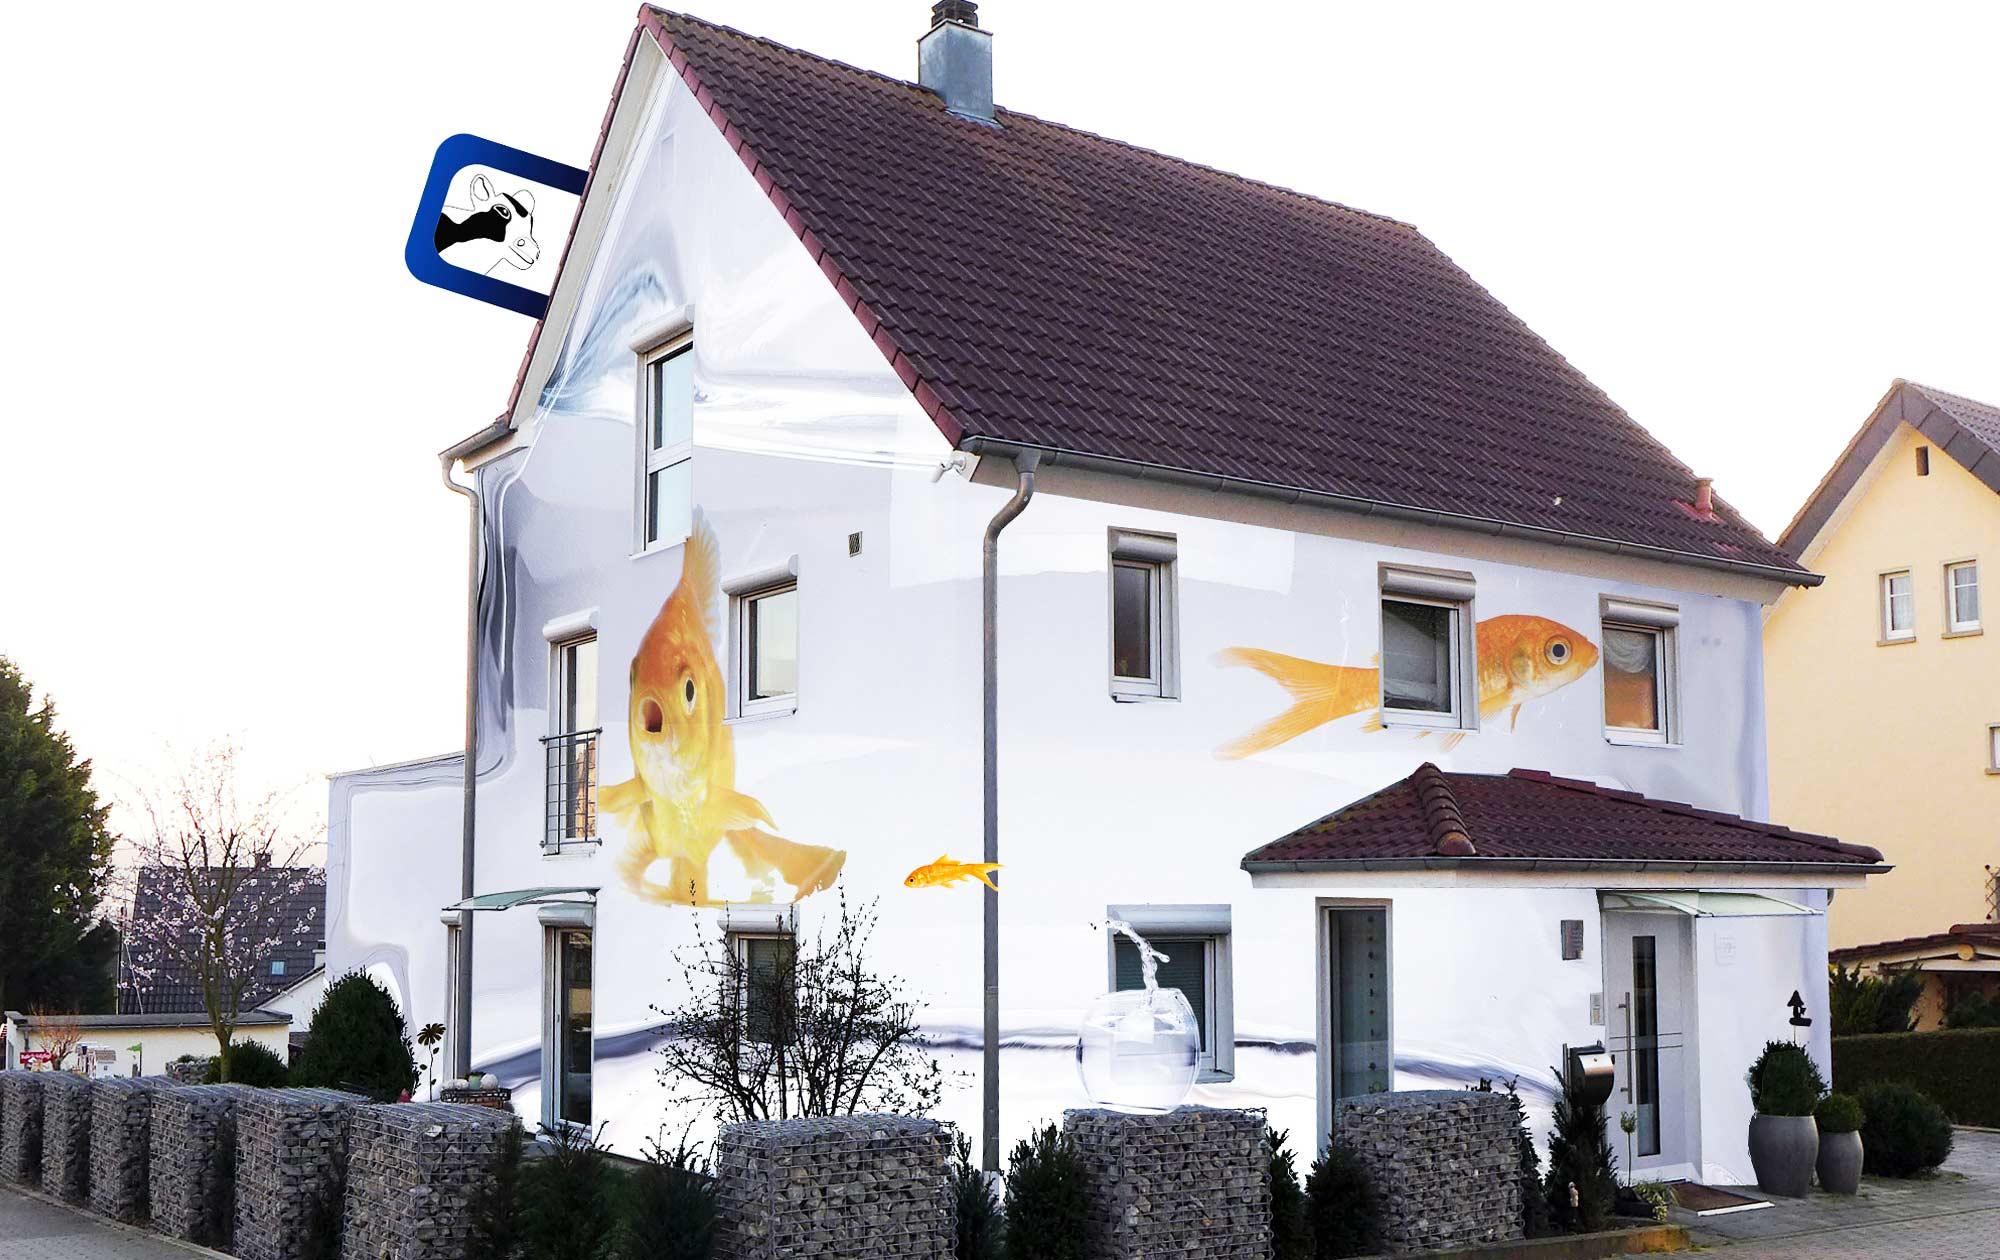 Digitale Farbberatung Fassade mit Goldfischen